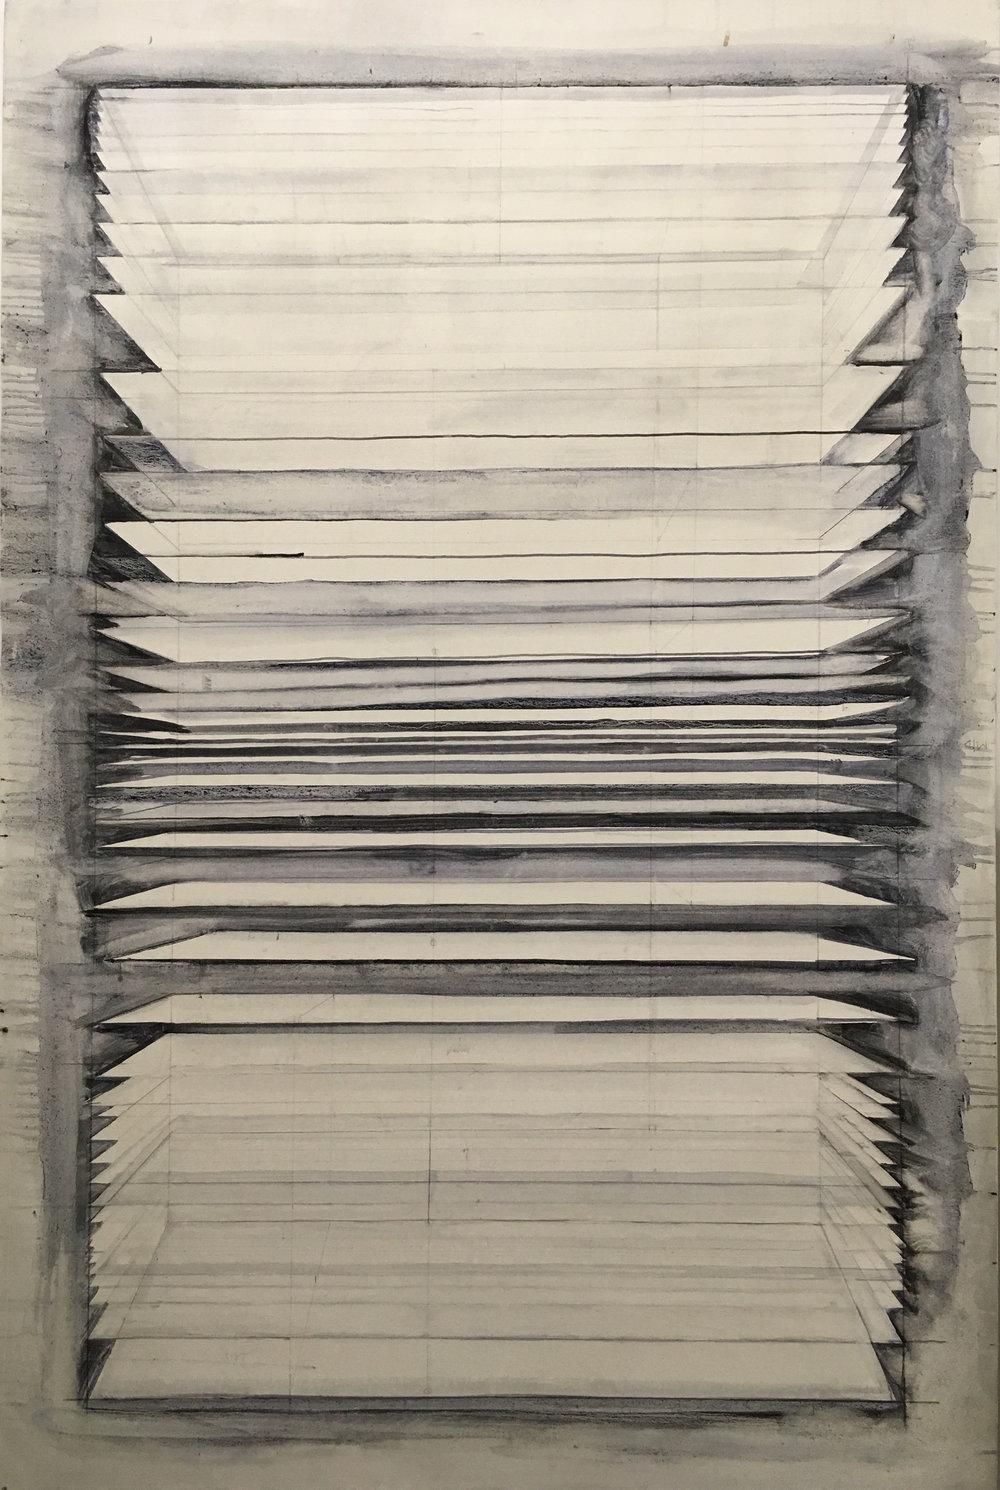 Daniel Nel  Book  Oil on canvas  178 x 120cm